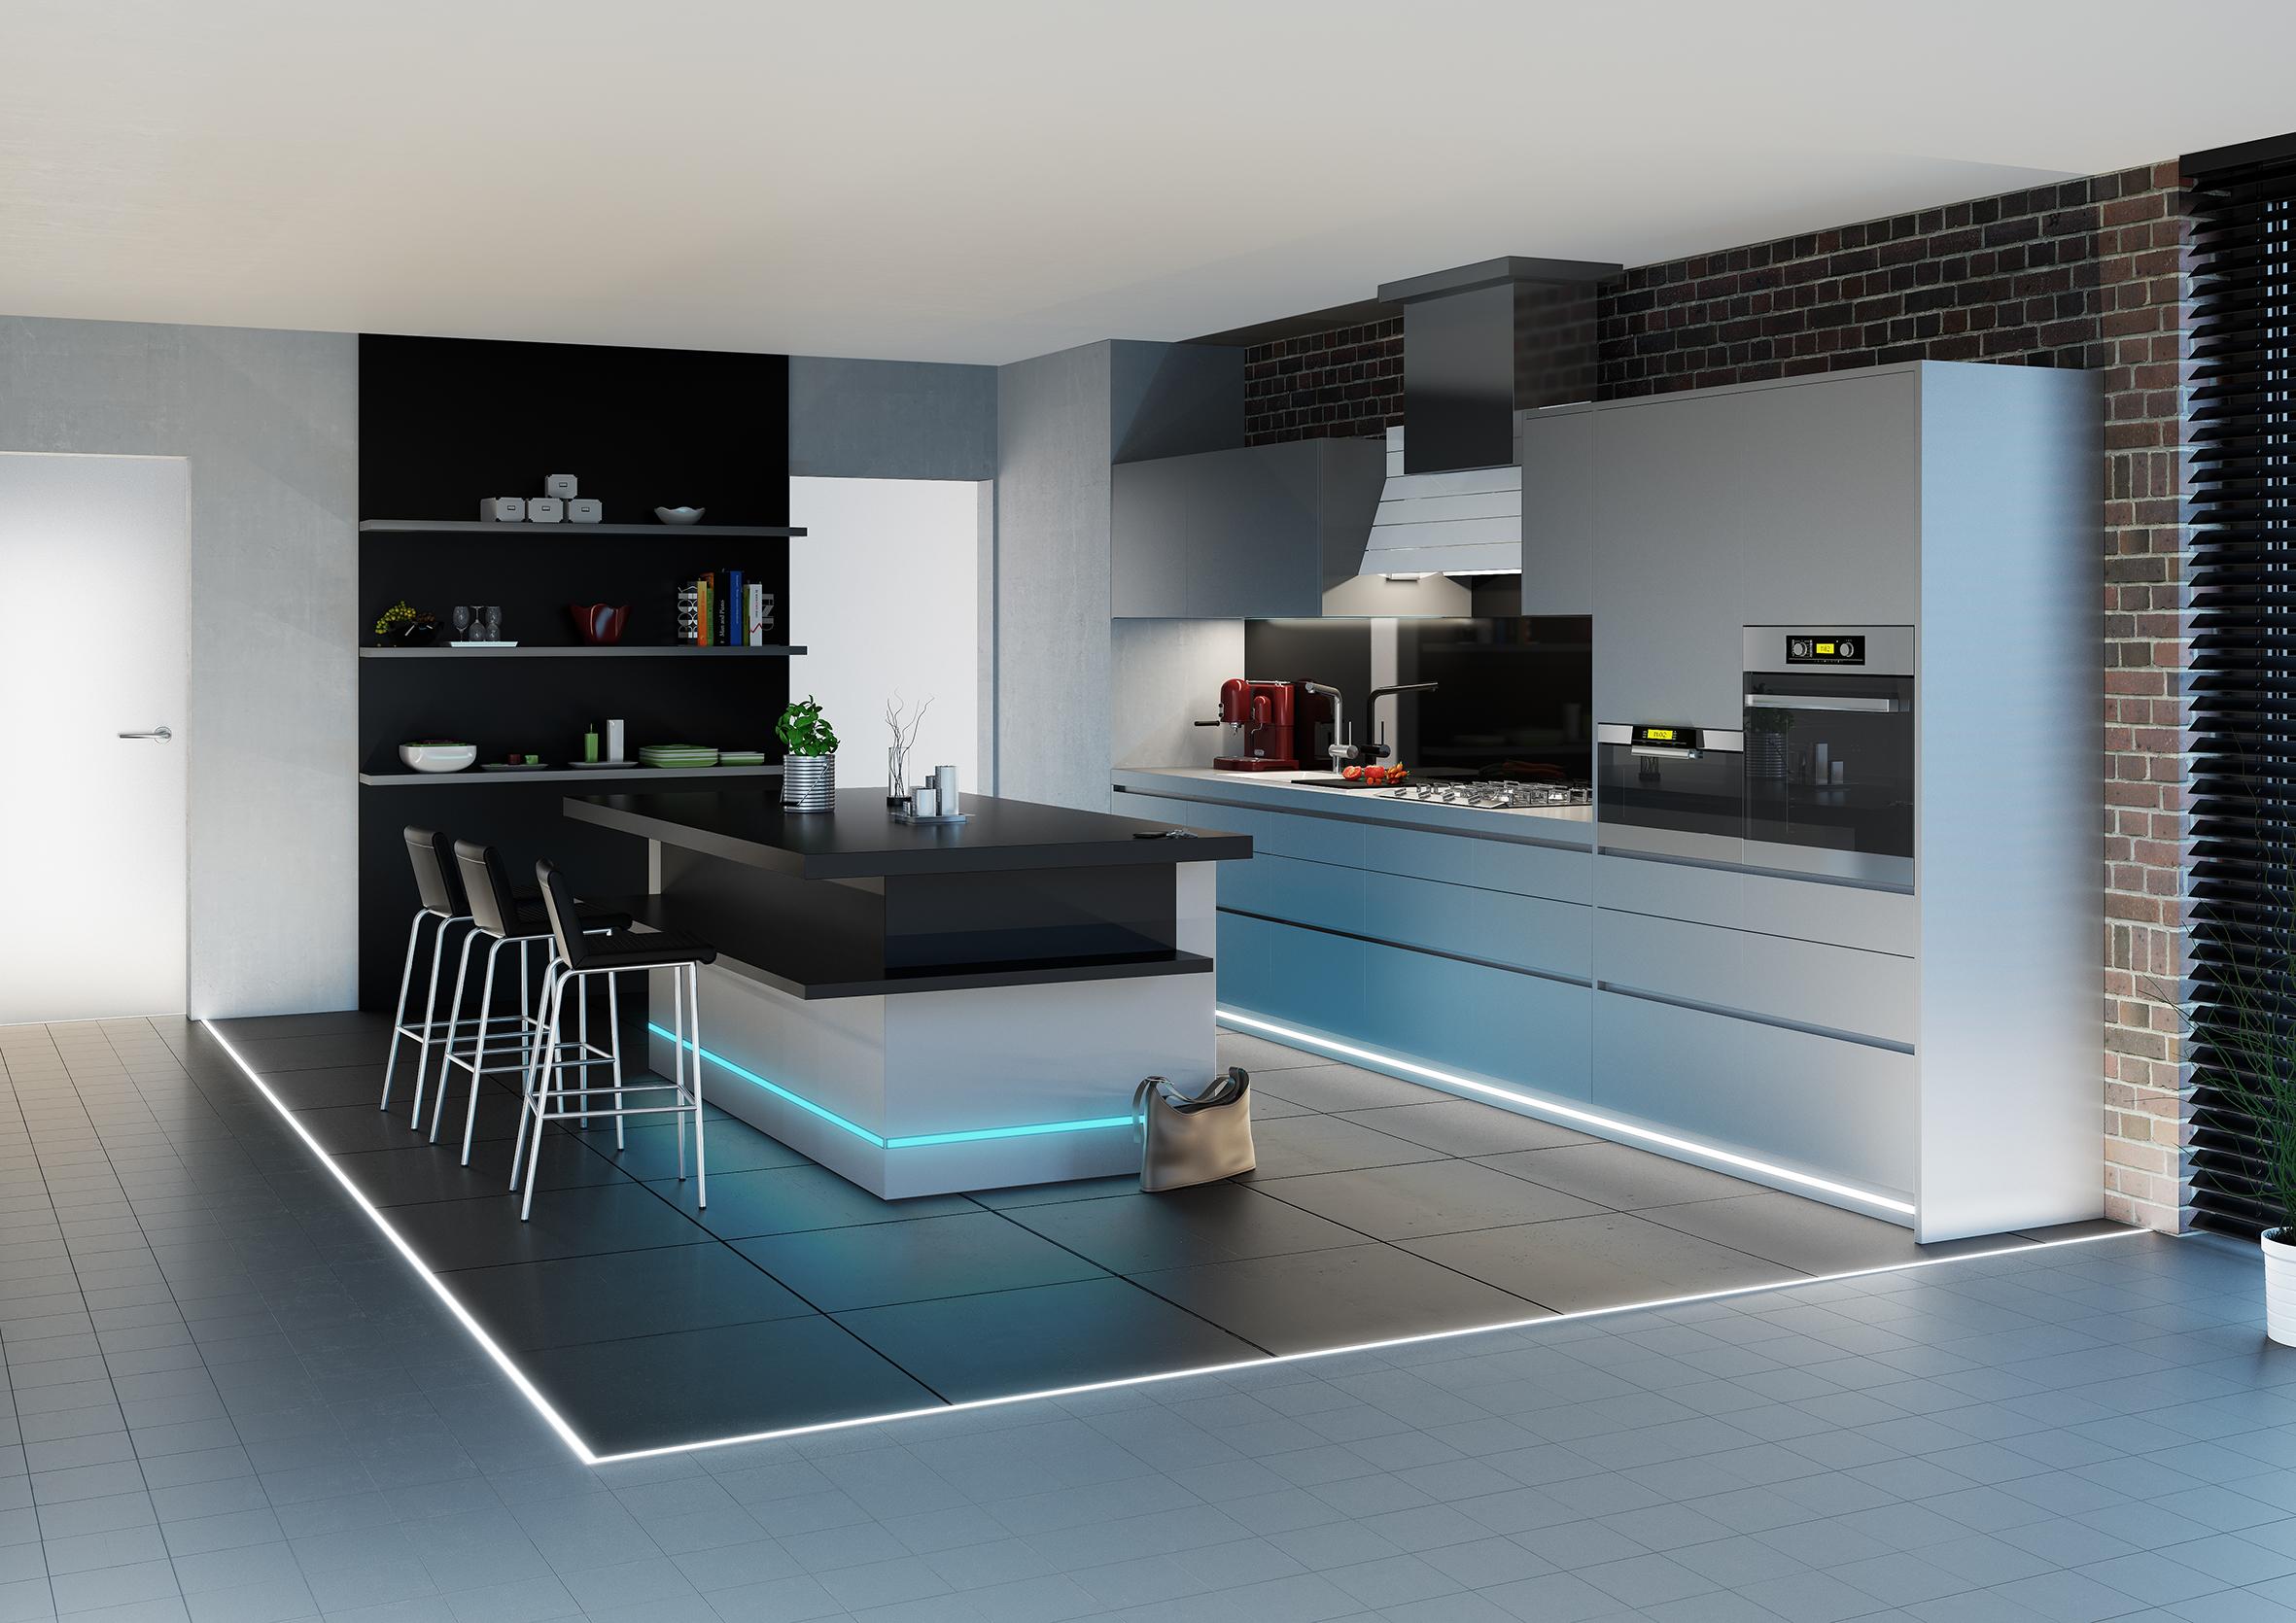 Ledkové osvětlení integrované do soklu kuchyně a varného ostrůvku. Aulix